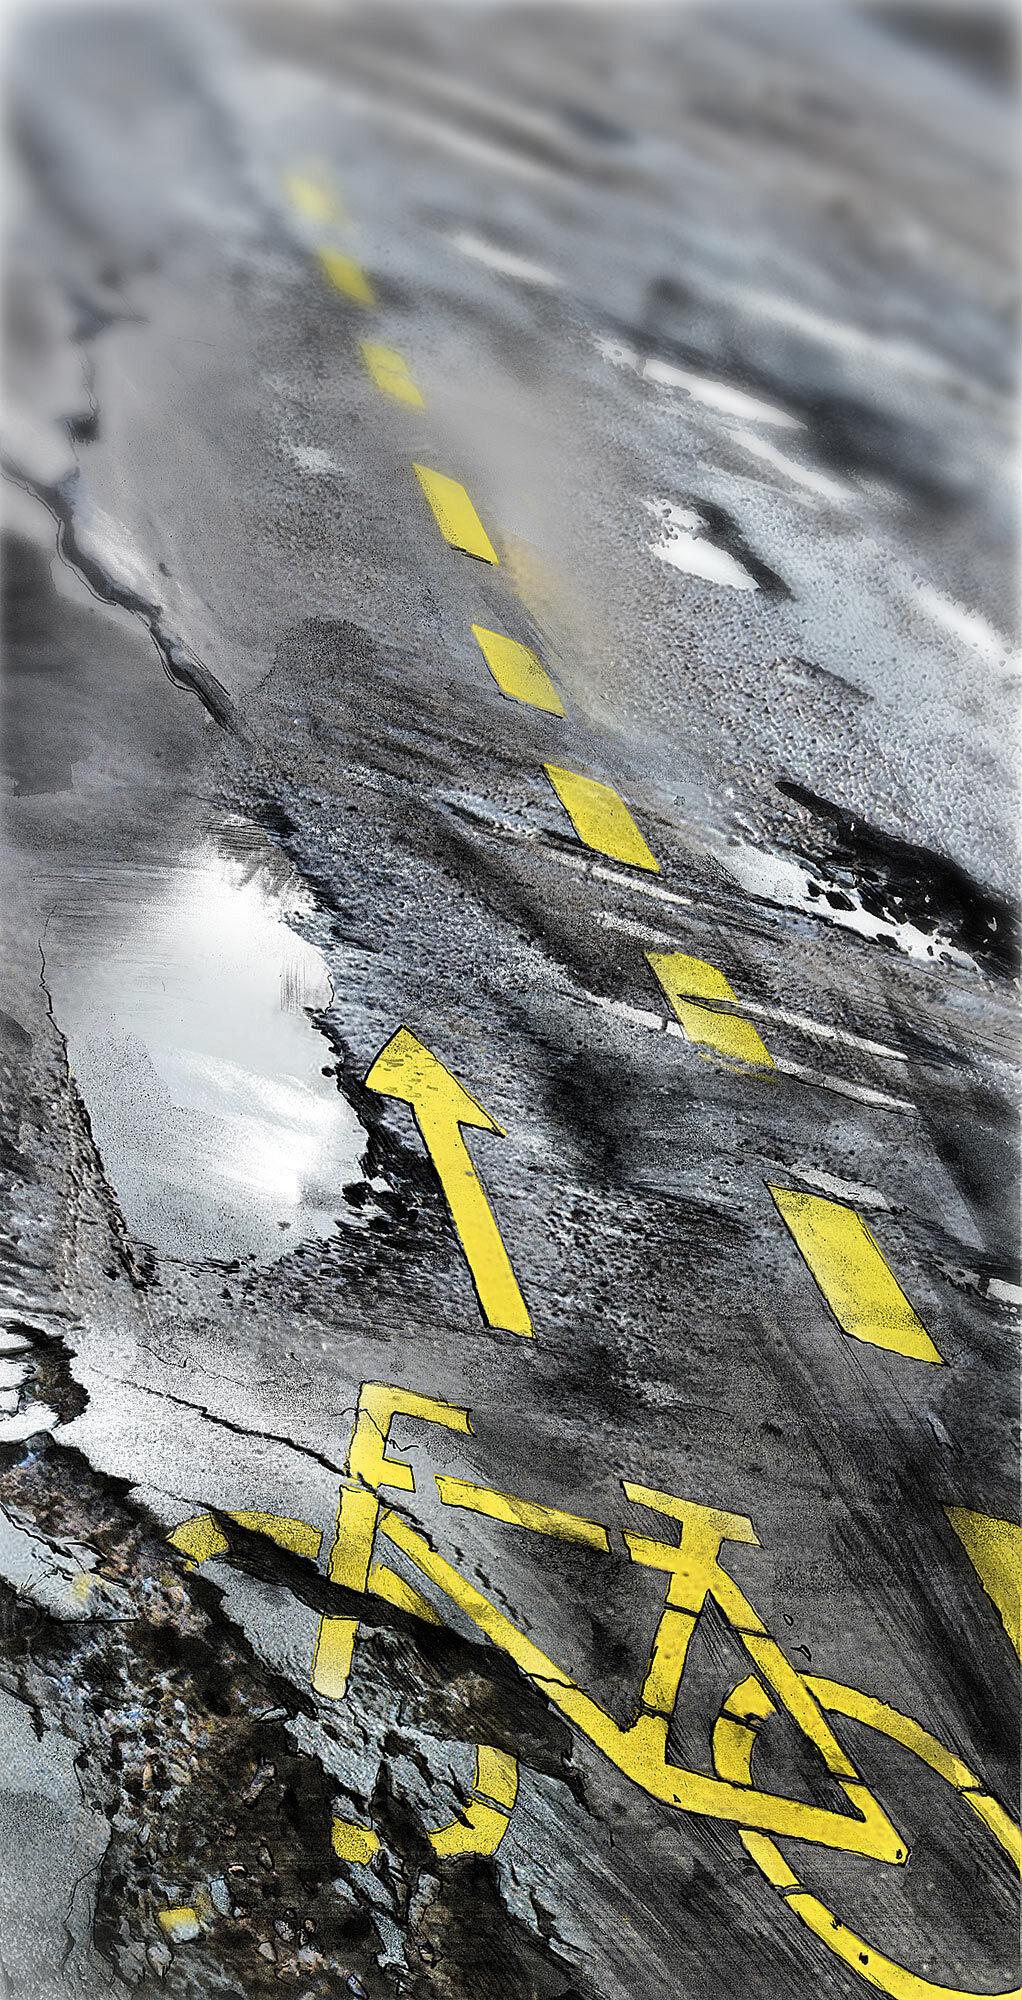 Veloweg fahrrad wueste asphalt strasse illustration - Kornel Illustration | Kornel Stadler portfolio